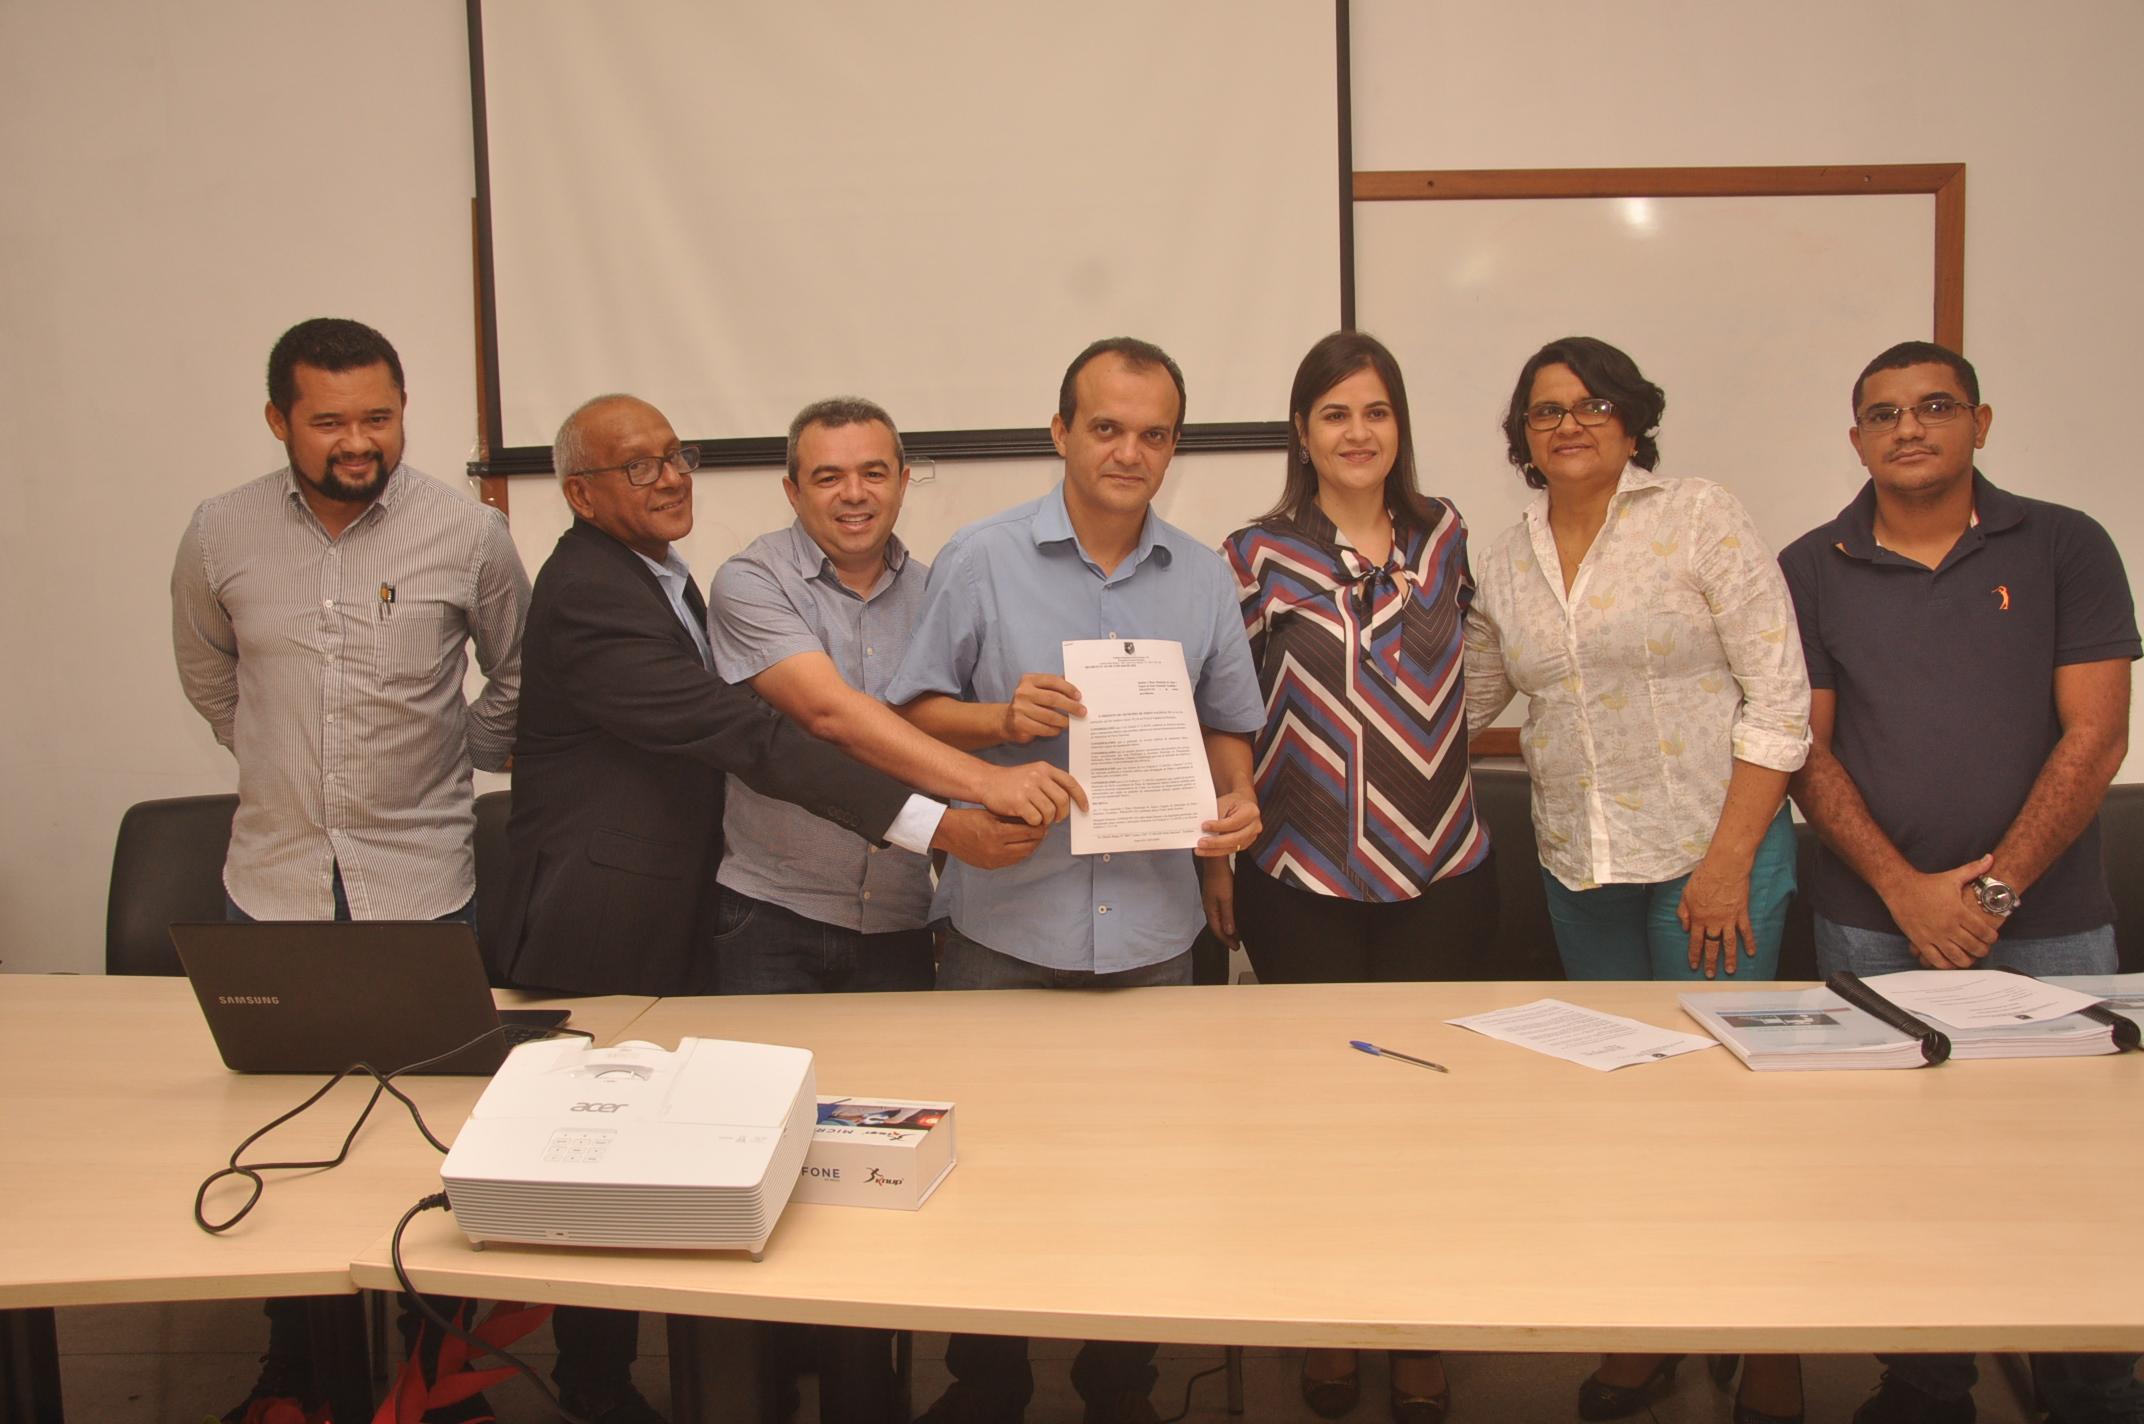 Prefeitura de Porto Nacional lança projeto ambiental inovador e se torna o  primeiro Município do Estado b3c8d5e3019bd